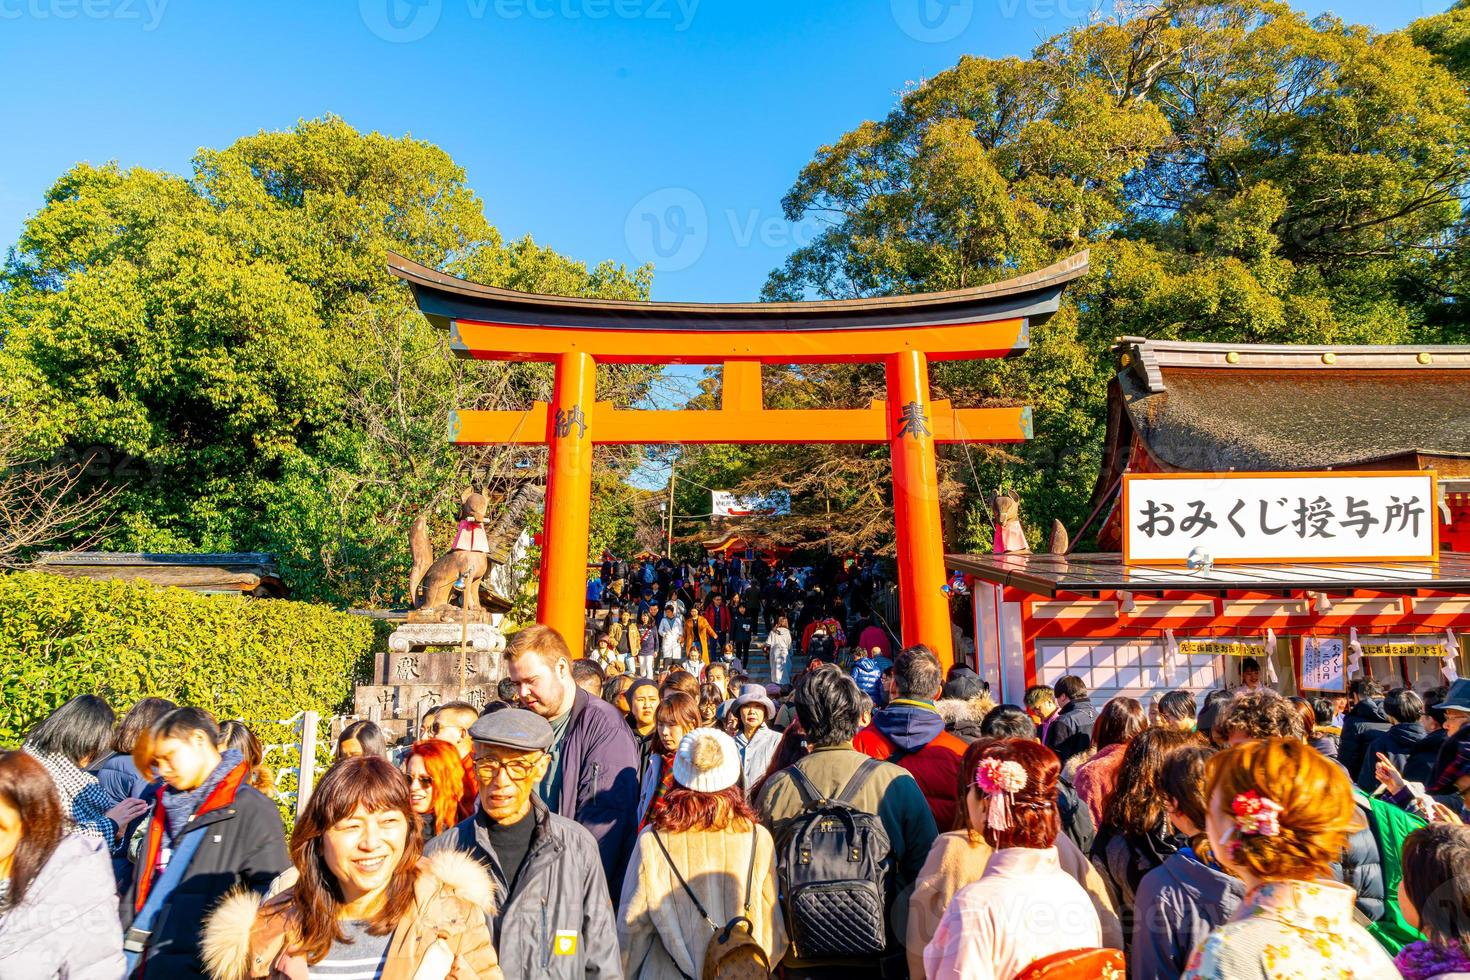 kyoto, japón - 11 de enero de 2020 - puertas torii rojas en fushimi inari taisha con turistas y estudiantes japoneses. fushimi inari es el santuario sintoísta más importante. foto